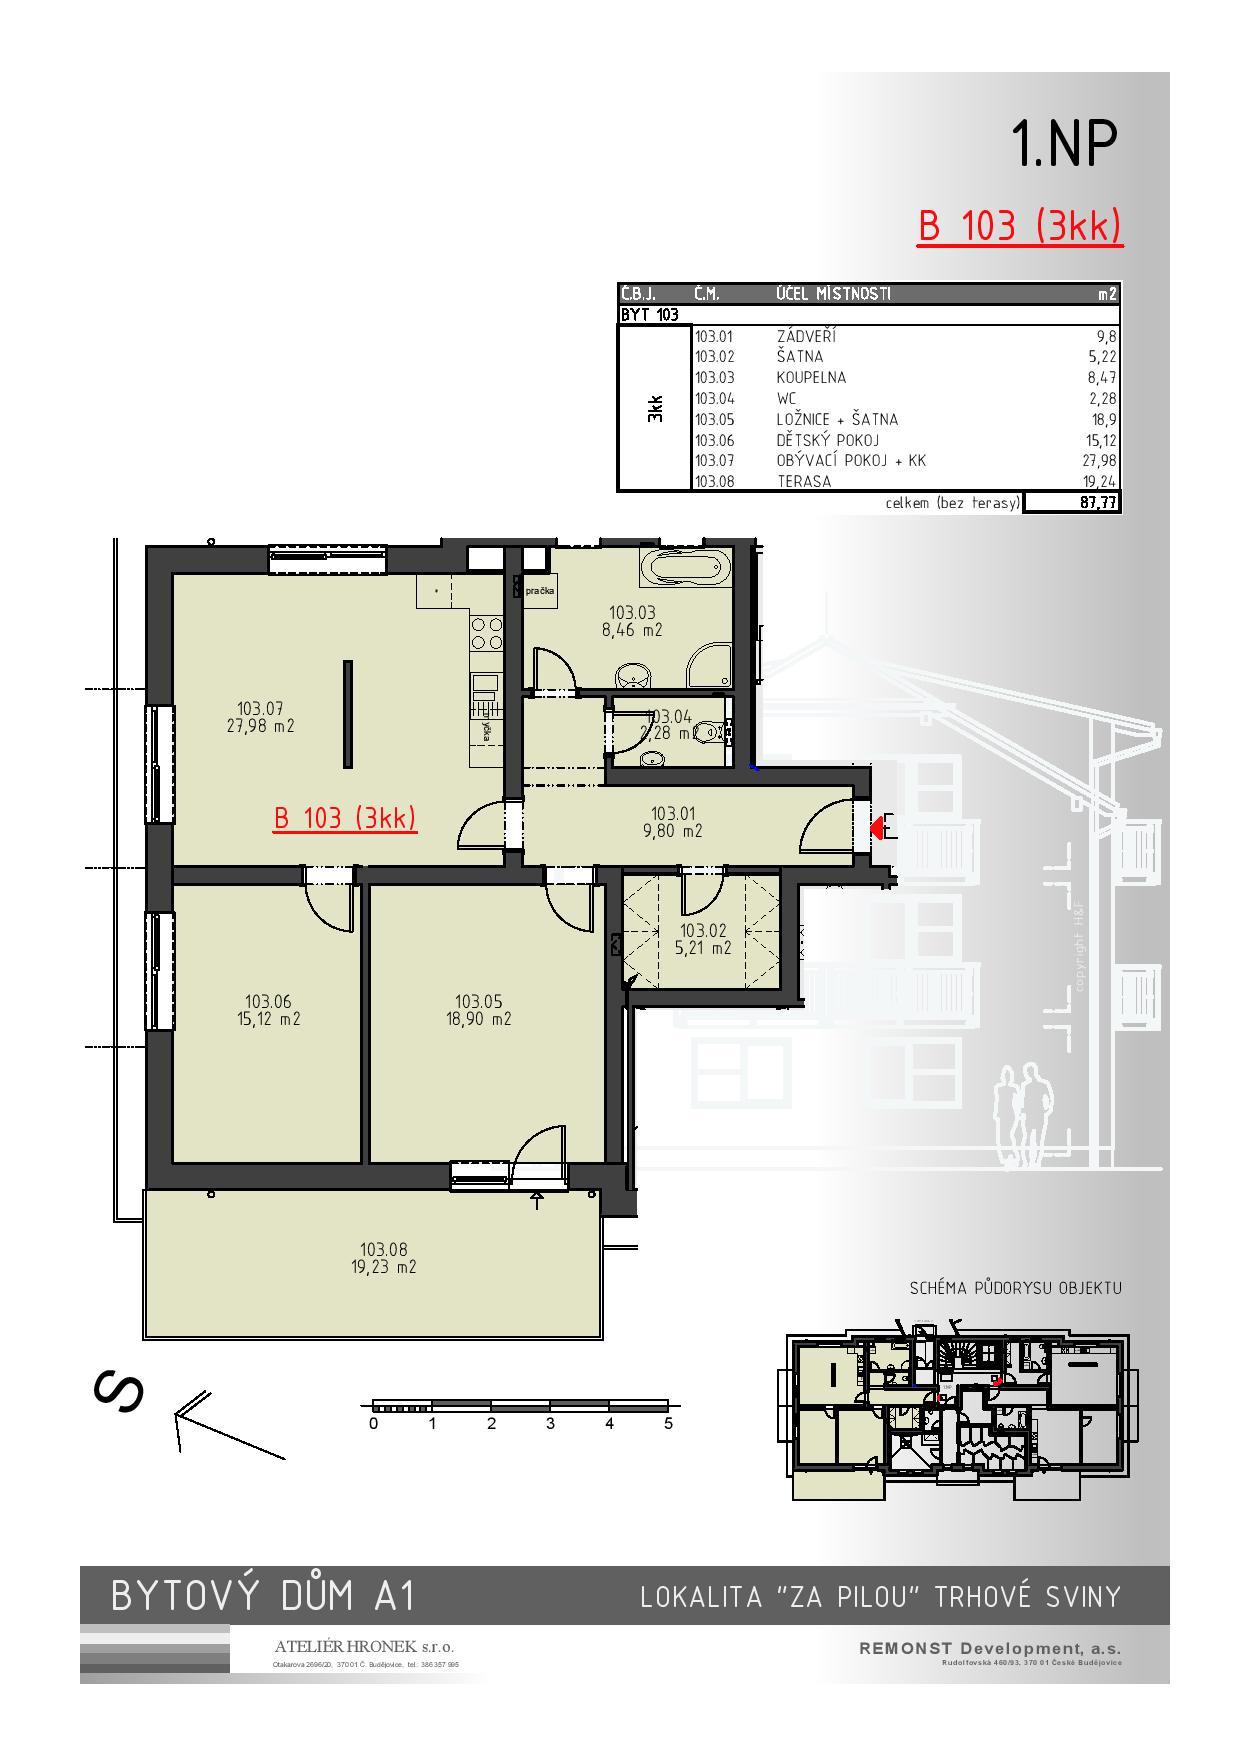 Byt č. 103 je orientovaný na 3 světové strany, díky tomu je zde zajištěna dostatečná světlost bytu po celý den. Tuto skutečnost ještě podtrhuje prostorná terasa (19 m2) s orientací na J-Z. Do bytu vcházíme z podesty 1. NP vchodovými dveřmi, za kterými se nachází po levé straně prostorná šatna a vpravo vstup na samostatné WC a dále do koupelny. Z chodby je také přímý vstup do obývacího pokoje s kuchyňským koutem a samostatné ložnice. Další ložnice má vstup z obývací části. Byt v novostavbě je dálkově vytápěn s vlastním měřením spotřeby tepla. Koupelna se zařizovacími předměty (umyvadlo, WC, vana) je již ve standardu bytu, je možno si vybrat z několika druhů a barevných kombinací obkladů a dlažeb, v případě požadavků na nadstandardní vybavení je možnost navrhnout a zhotovit koupelnu dle přání a představ klienta. Vnitřní dveře jsou dřevěné s obložkovými zárubněmi. Okna a balkónové dveře jsou plastové.  V místnostech budou položeny plovoucí podlahy, dlažba v koupelnách a na WC, keramické obklady.  V bytech budou rozvody společné televizní antény, telefonu a datové sítě. Cena za nemovitost je uvedena včetně DPH, zahrnuje provizi a právní servis, nezahrnuje daň z nabytí. Cena nemovitosti zahrnuje rovněž podíl na oploceném pozemku (zahrada) o velikosti cca 900 m2, vlastní parkovací stání pro každou bytovou jednotku a podíl na společných částech bytového domu. Na danou nemovitost vám zdarma zpracujeme nabídku financování.